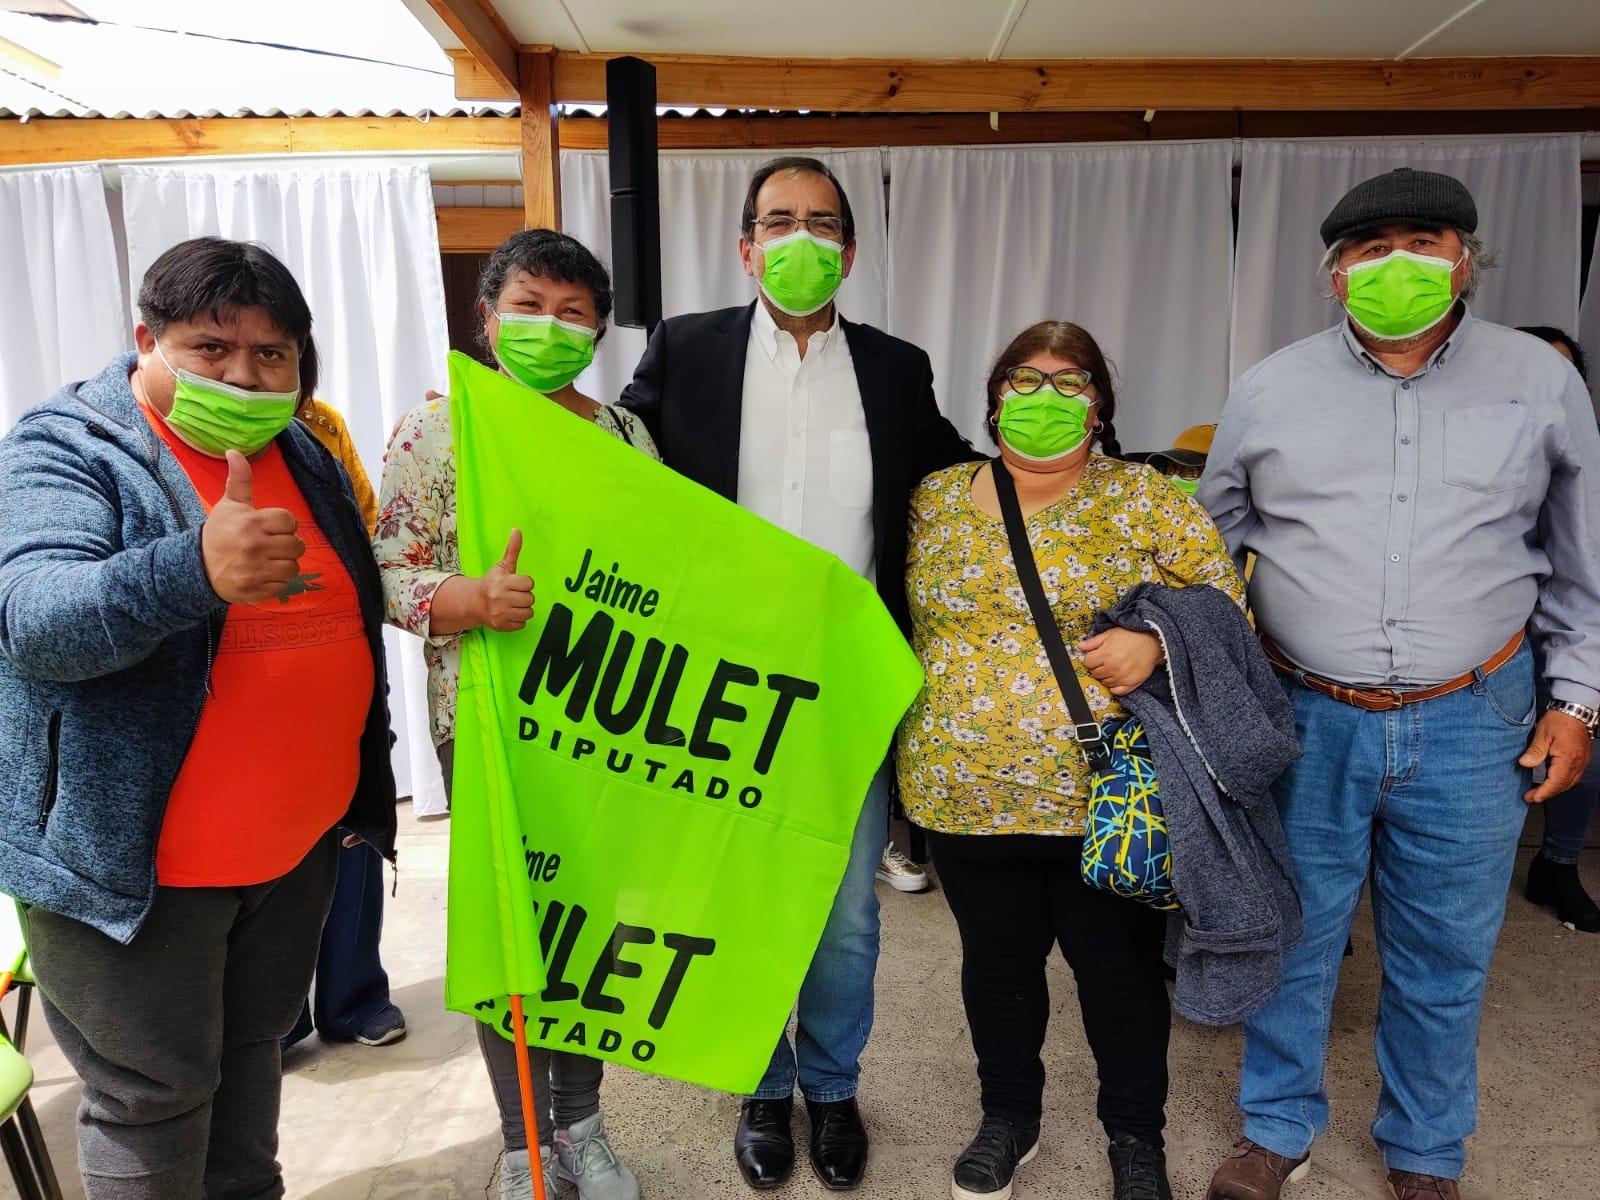 """Mulet anunció que retoma su candidatura parlamentaria, y Boric dijo que: """"No cuenta con mi apoyo"""""""